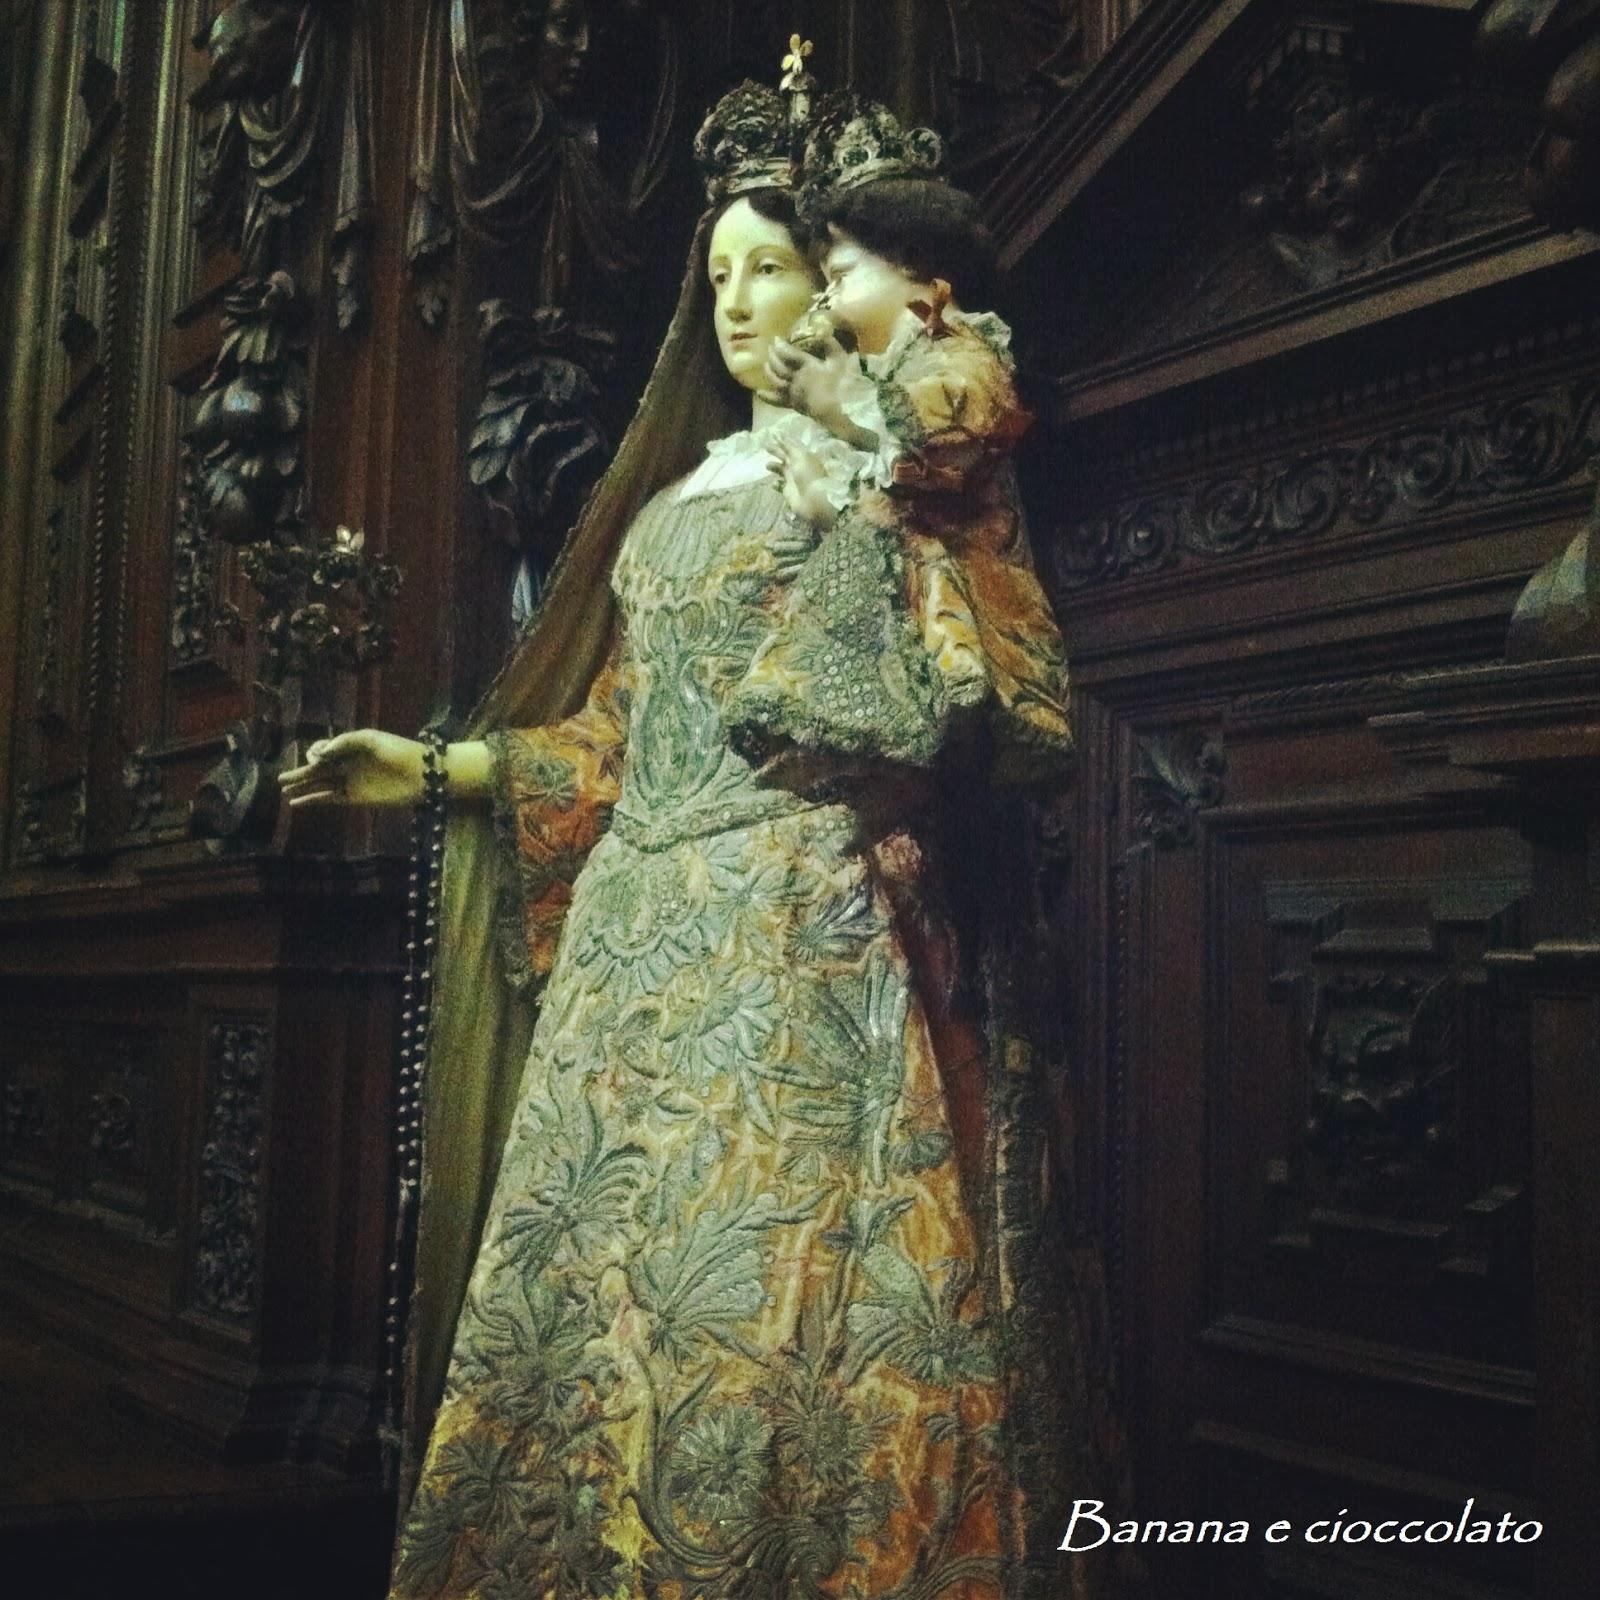 Museo dell'ordine costantiniano di San Giorgio, chiesa della Steccata, Parma